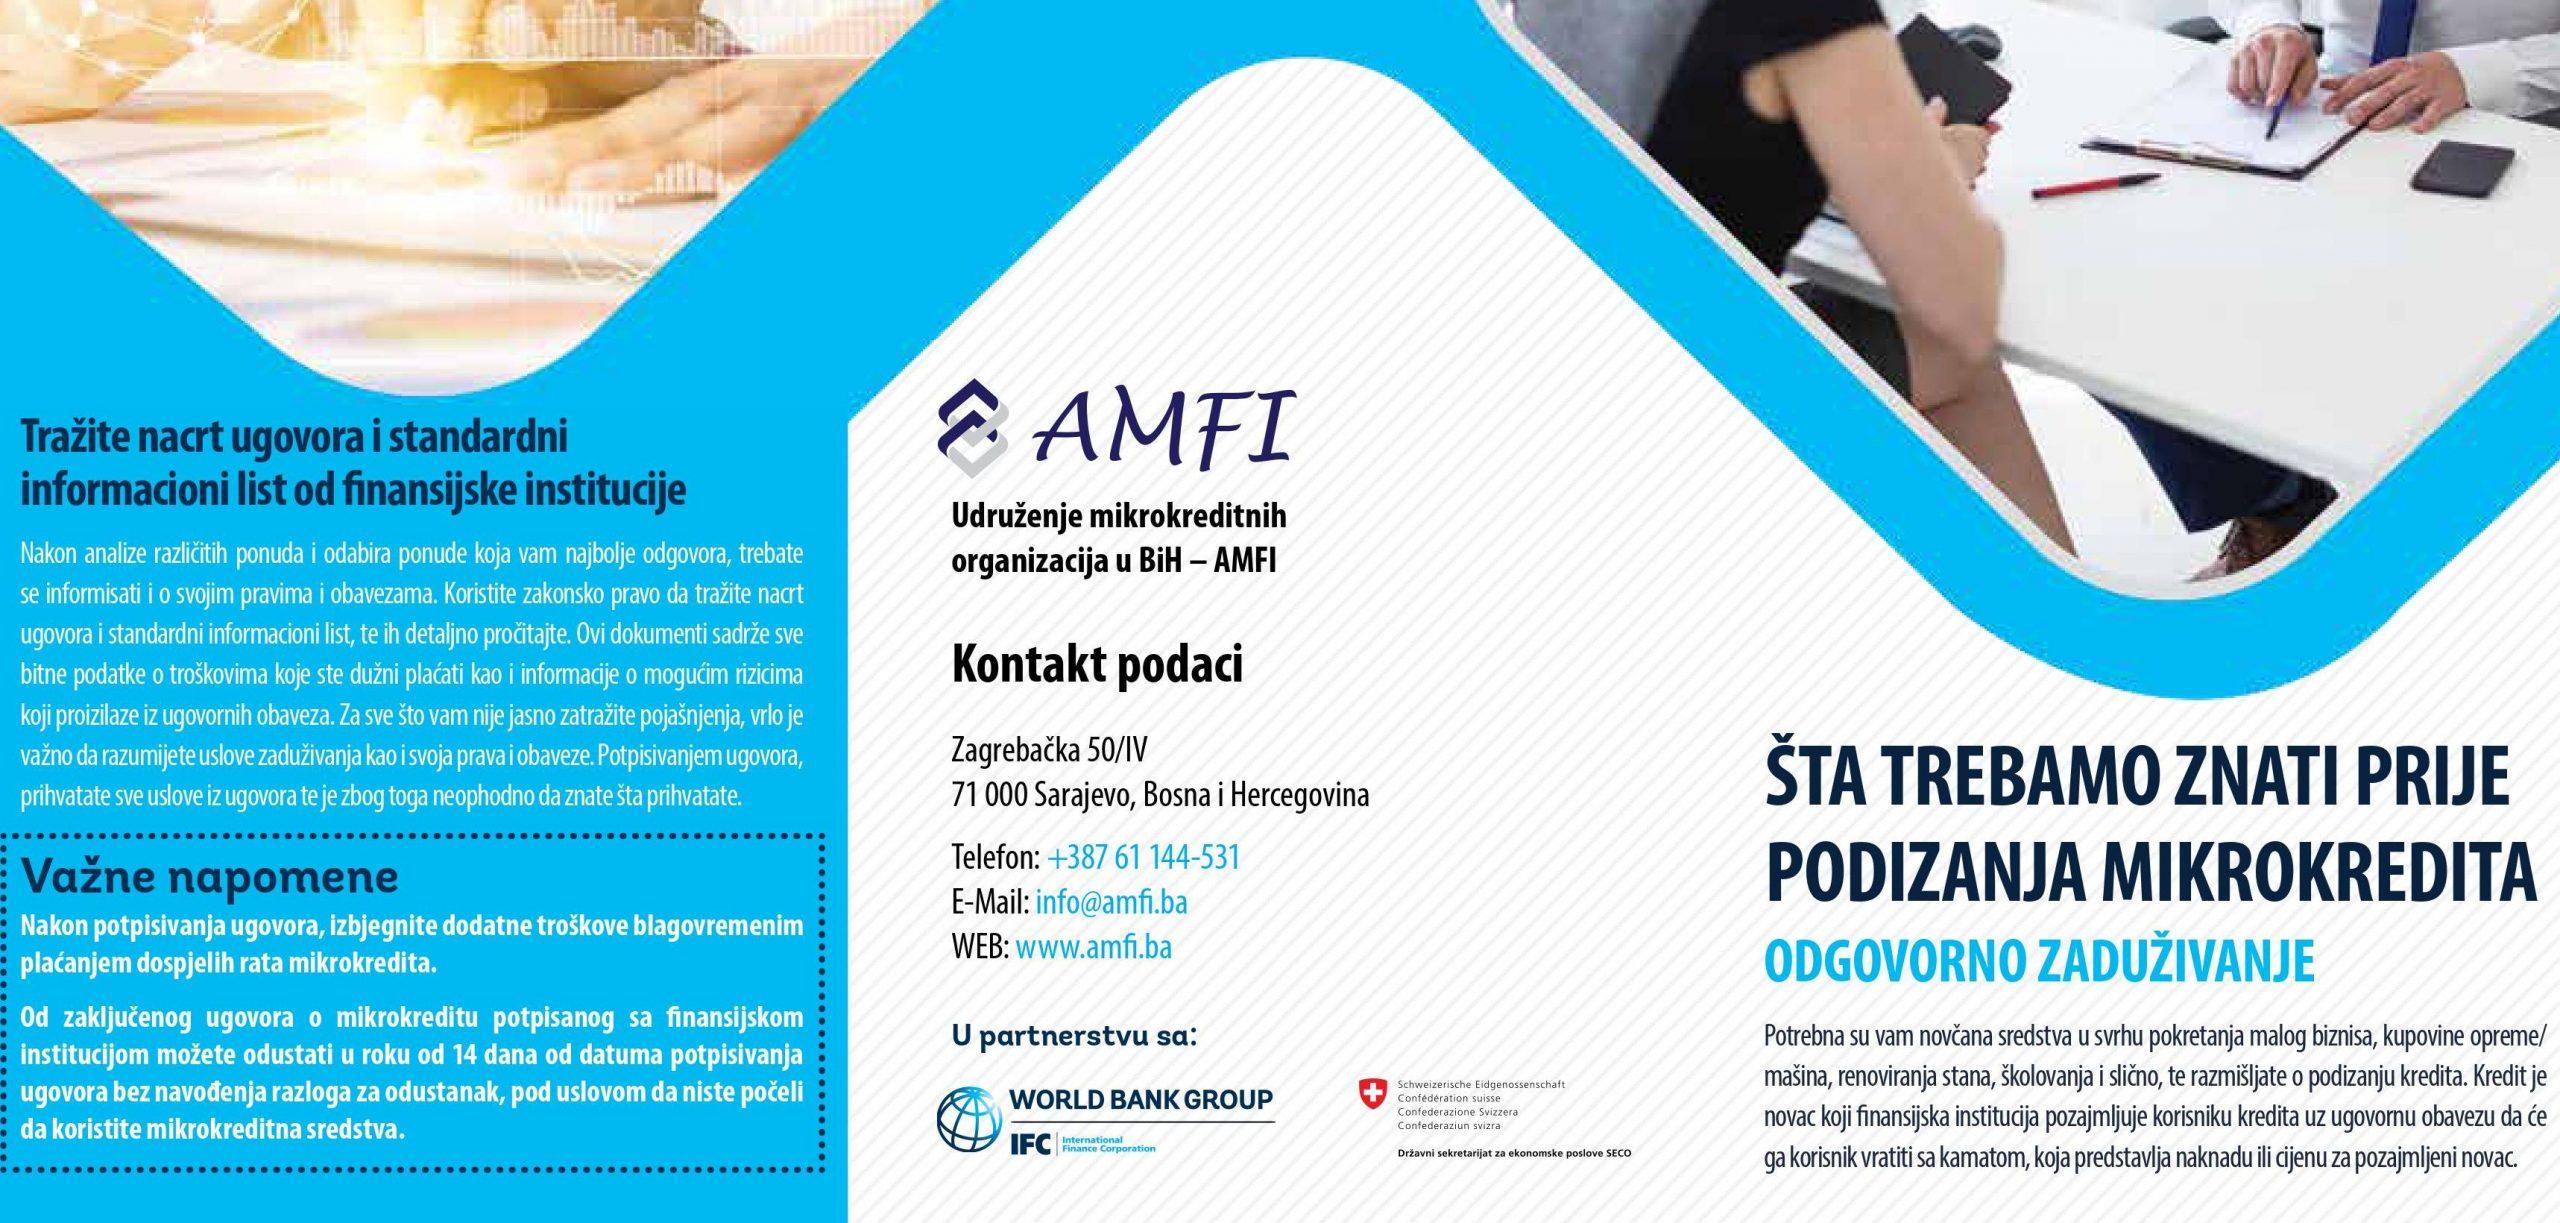 AMFI (Udruženje mikrokreditnih organizacija u BiH) brošura o odgovornom zaduživanju